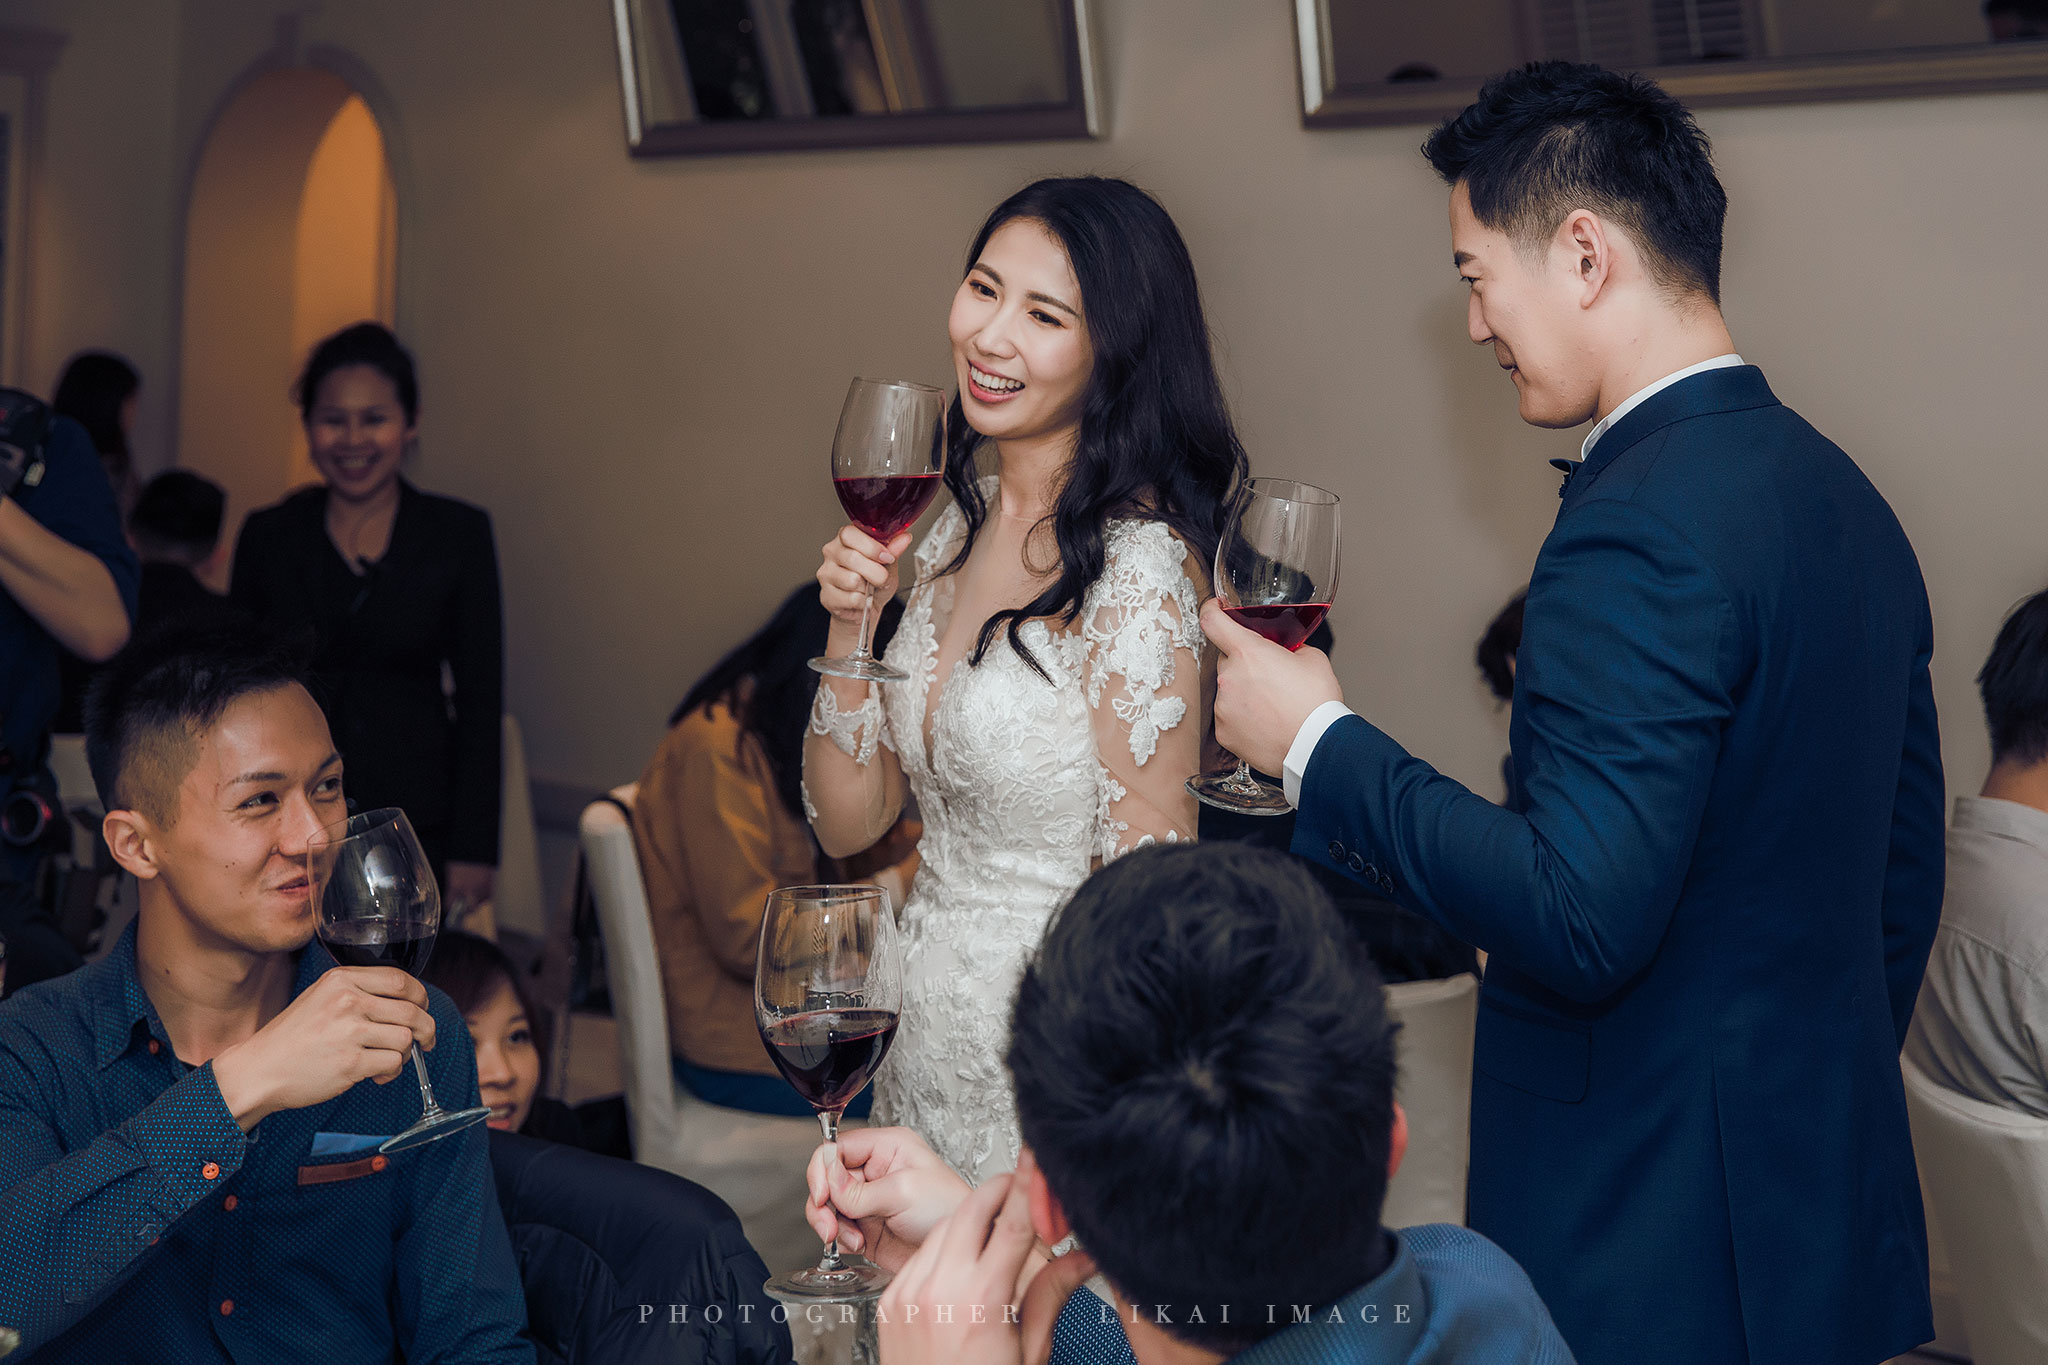 婚禮紀錄 - 依伶 & 奕偉 - 家樂利小酒館